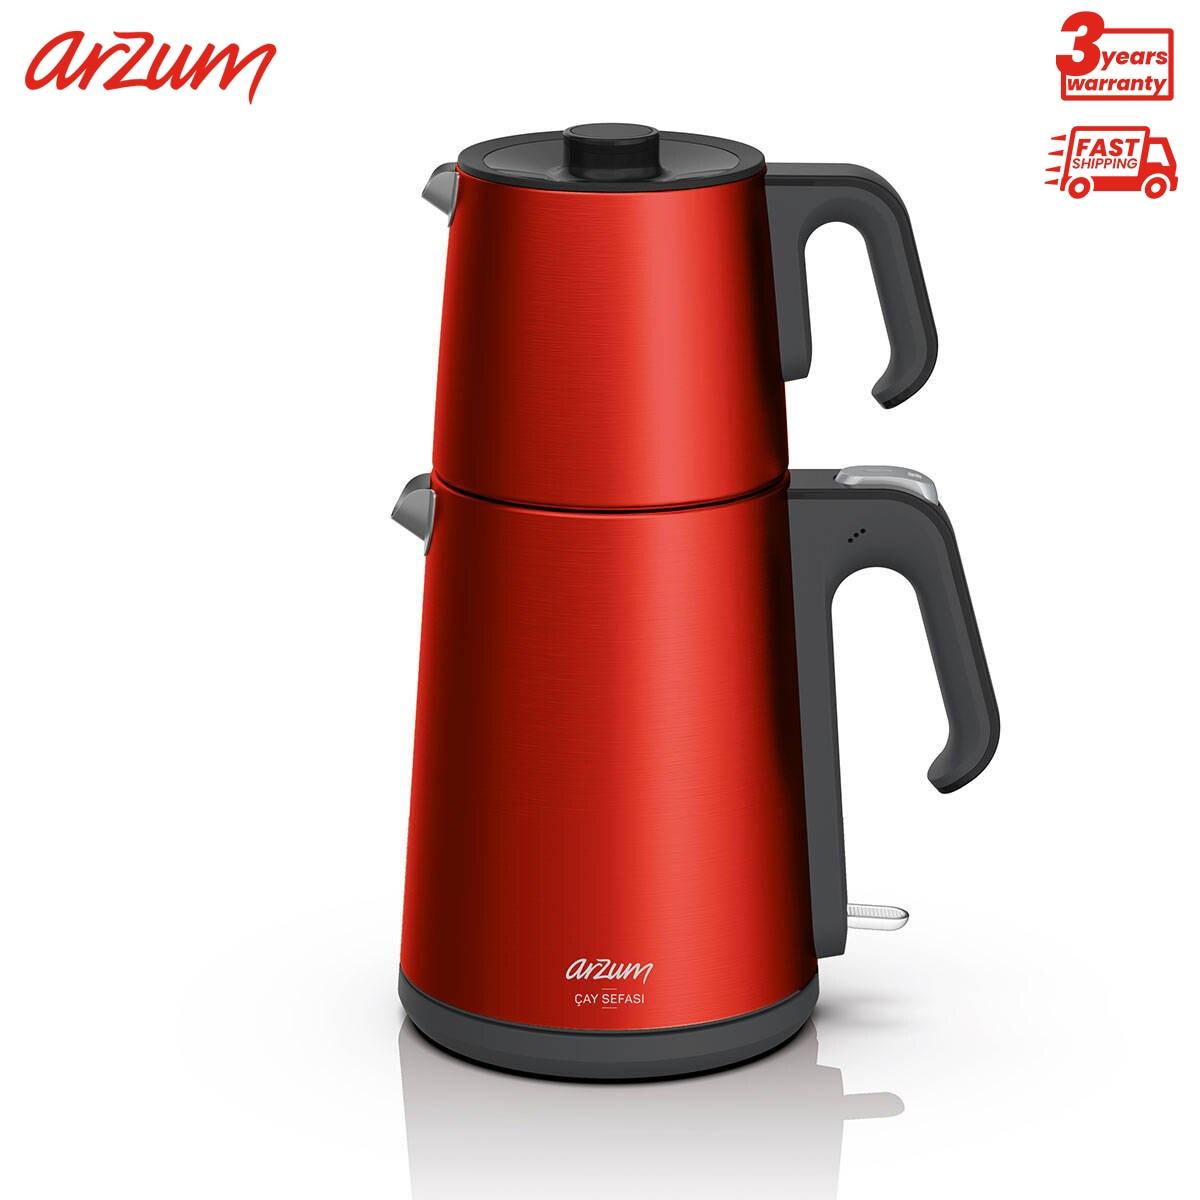 Arzum تتمتع آلة الشاي الشاي 1.8 لتر غلاية الفولاذ المقاوم للصدأ سلامة منهجية الشاي تصفية التلقائي آلة غلي الماء